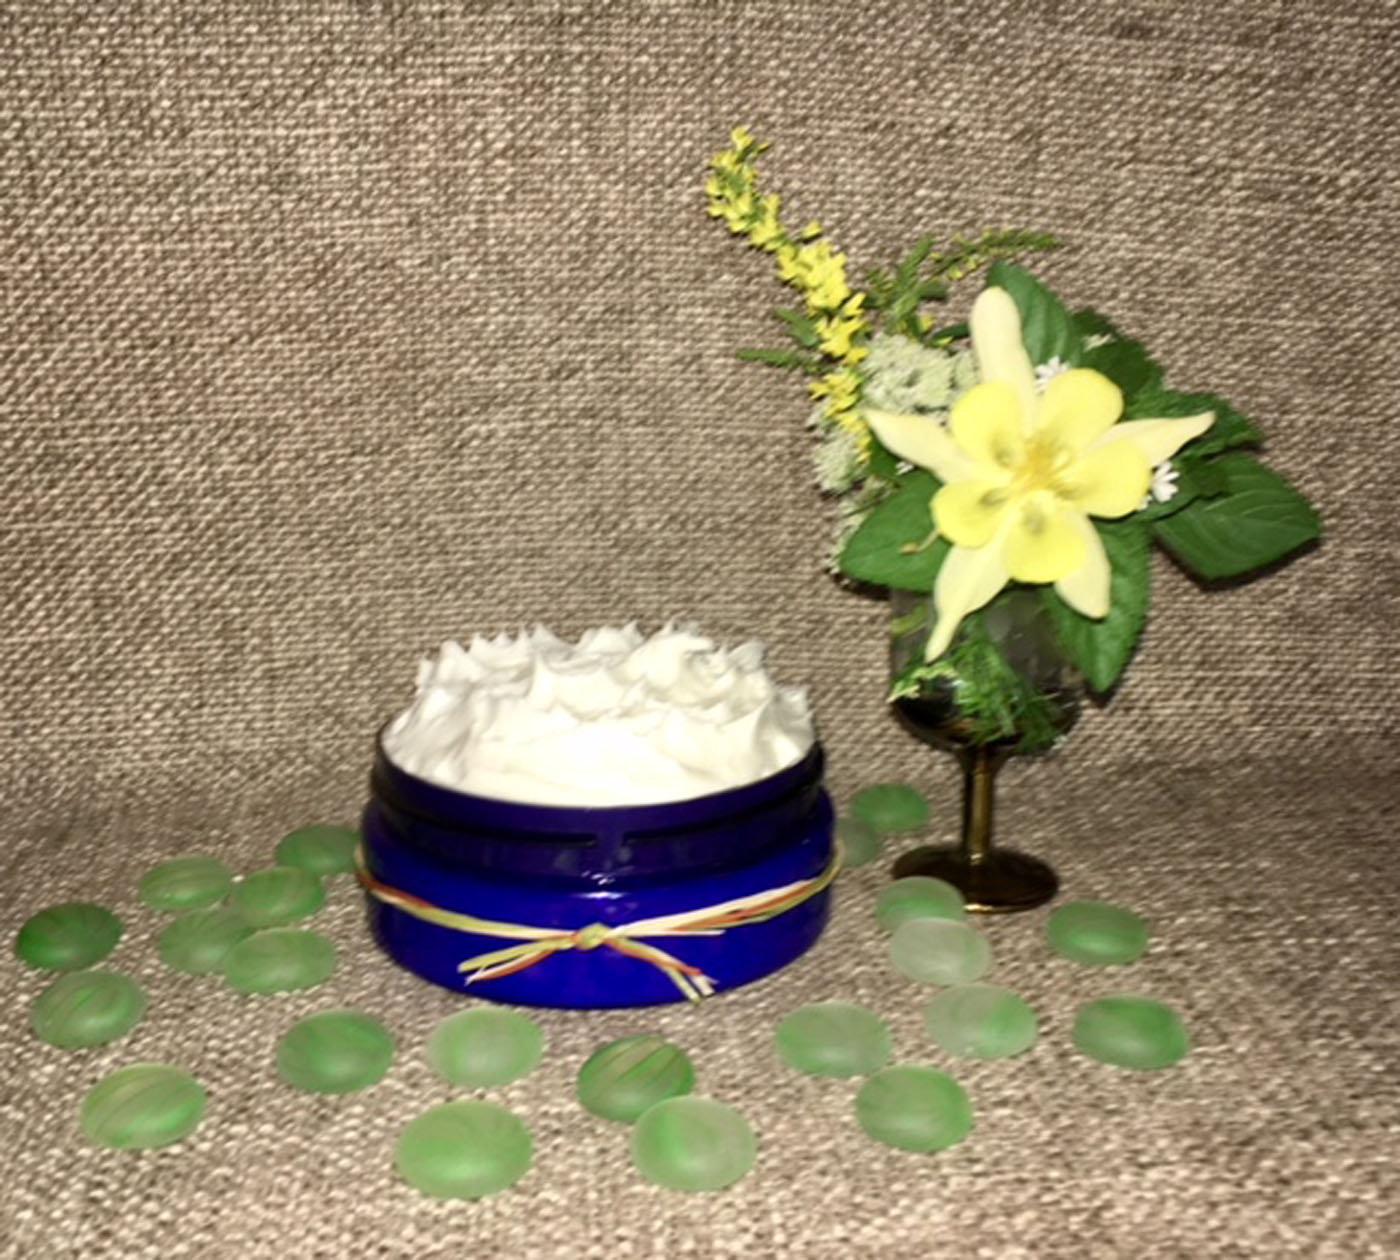 Jake's Blend Buffalo & Mutton Tallow Cream - Workman's Healing Hands Blend 6oz -